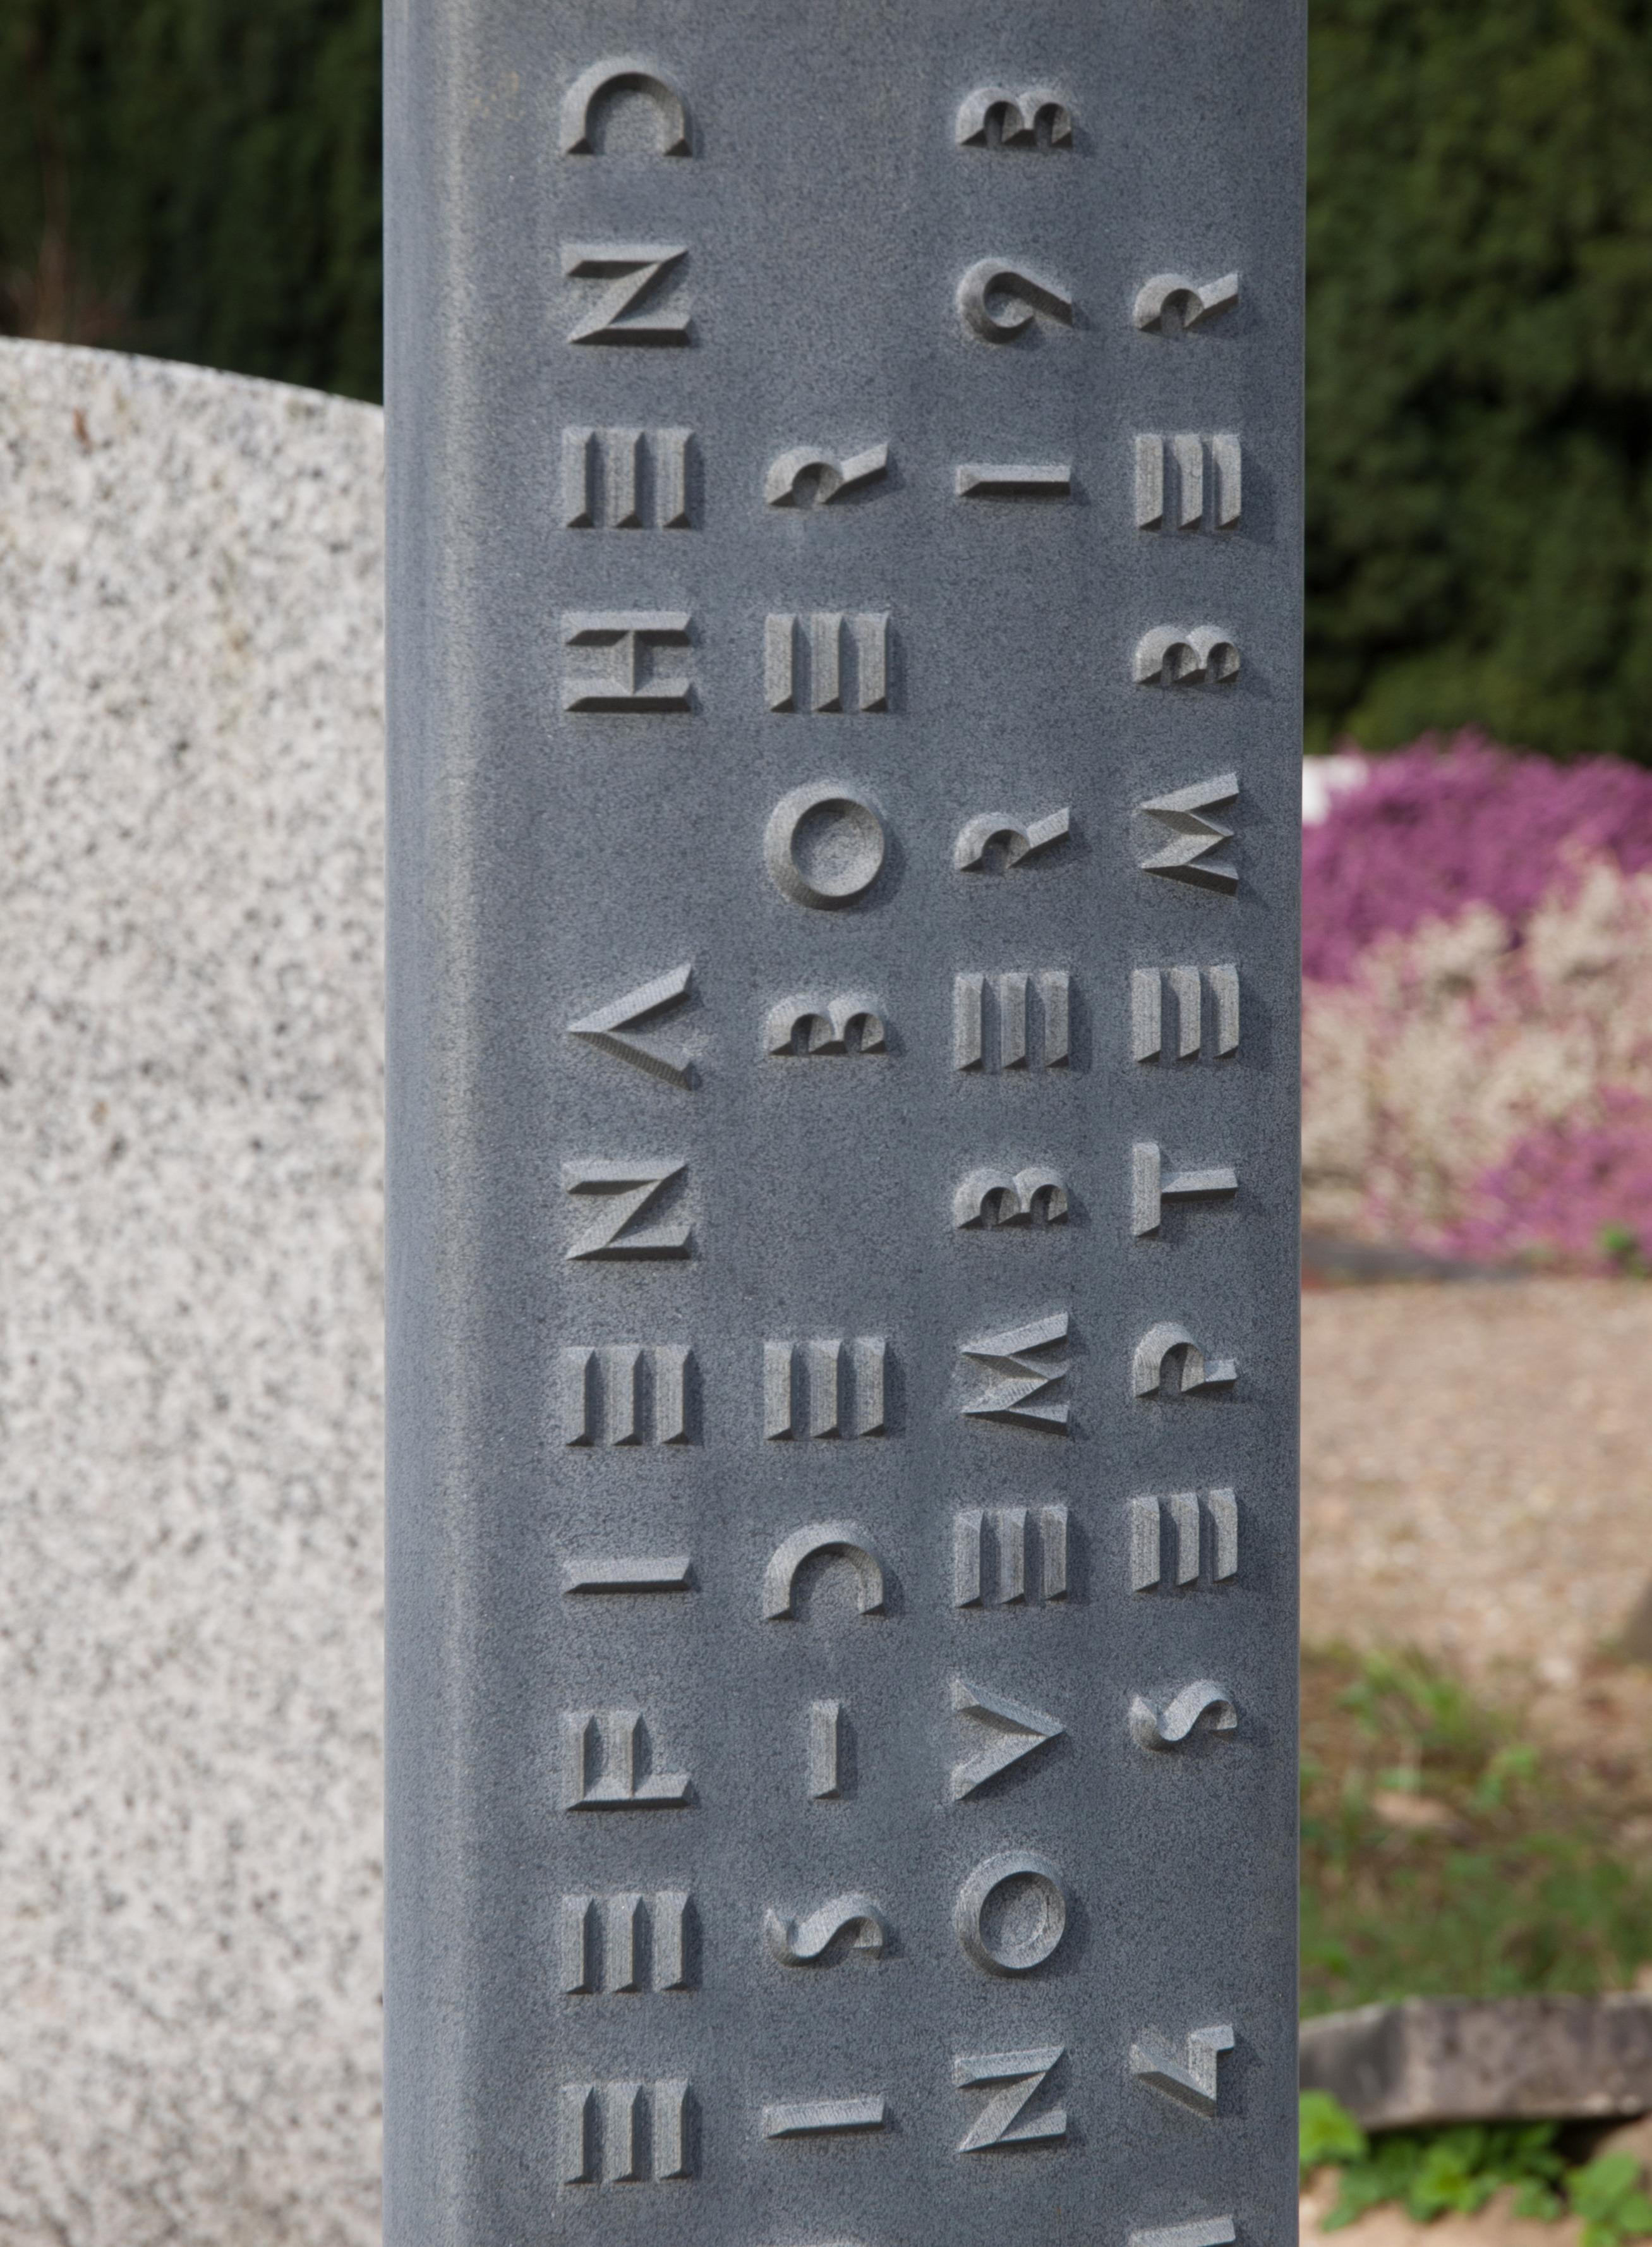 Bijzonder verheven lettertype